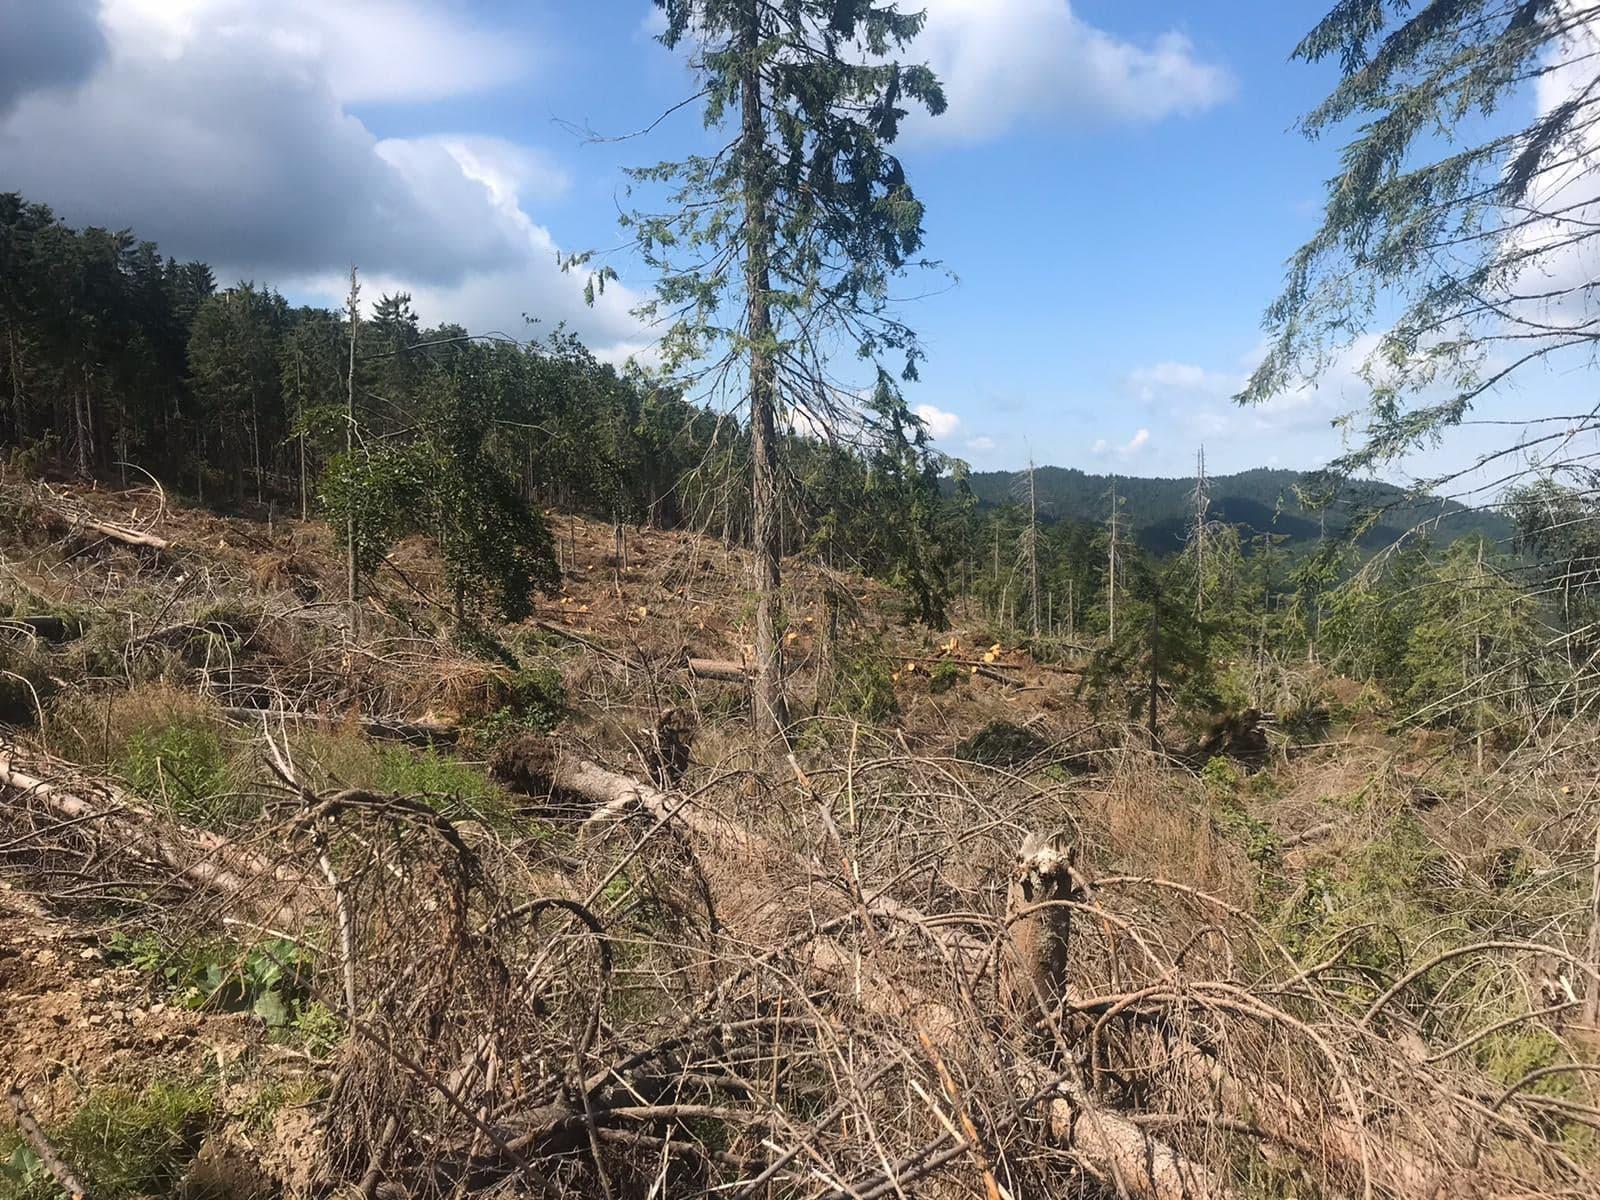 FOTO: Împădurire - Stâna de Vale 23.03.2020